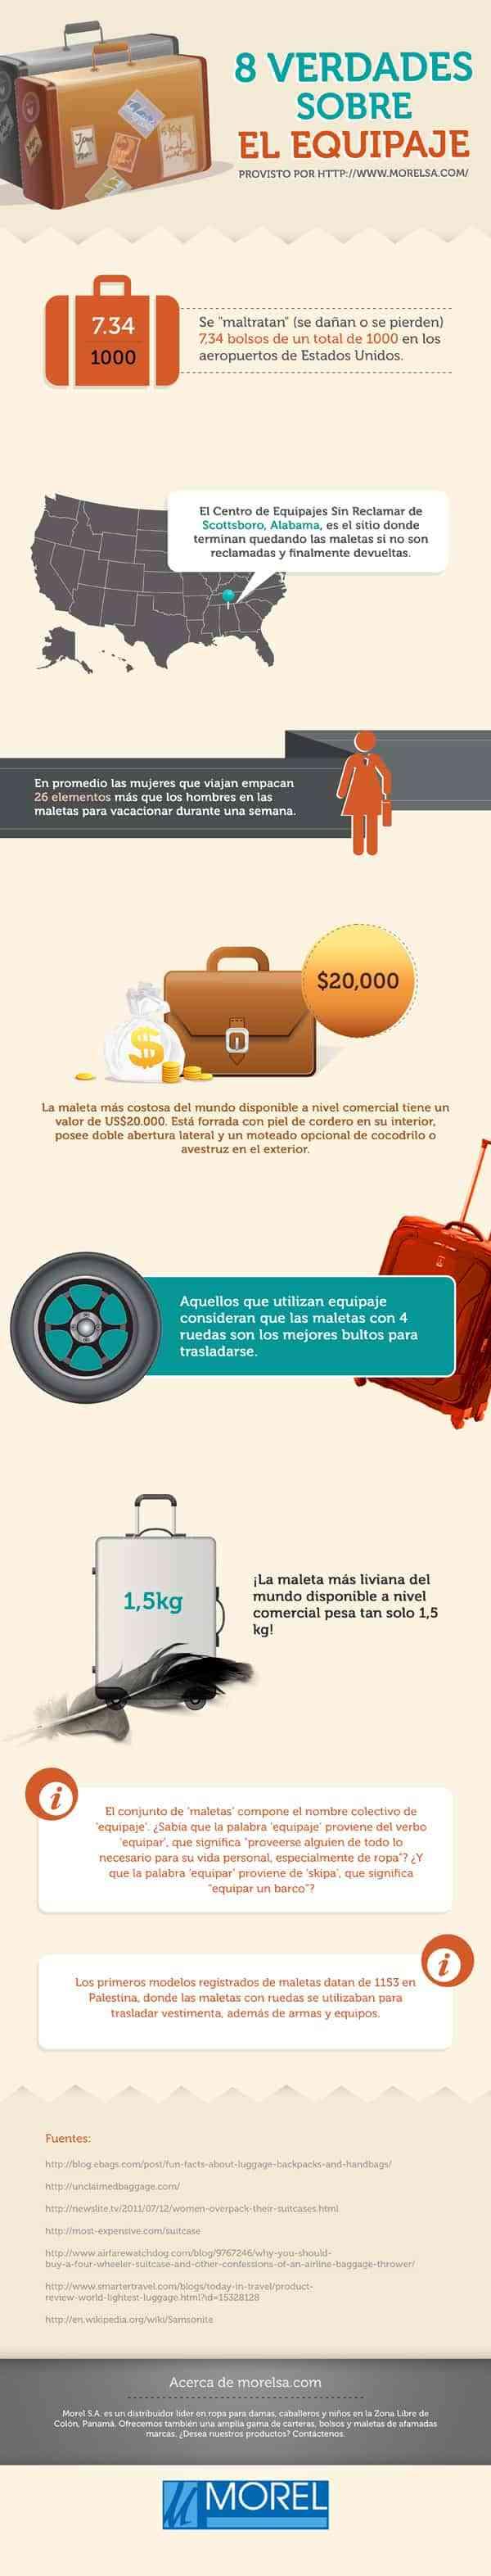 8 verdades sobre equipaje de viaje